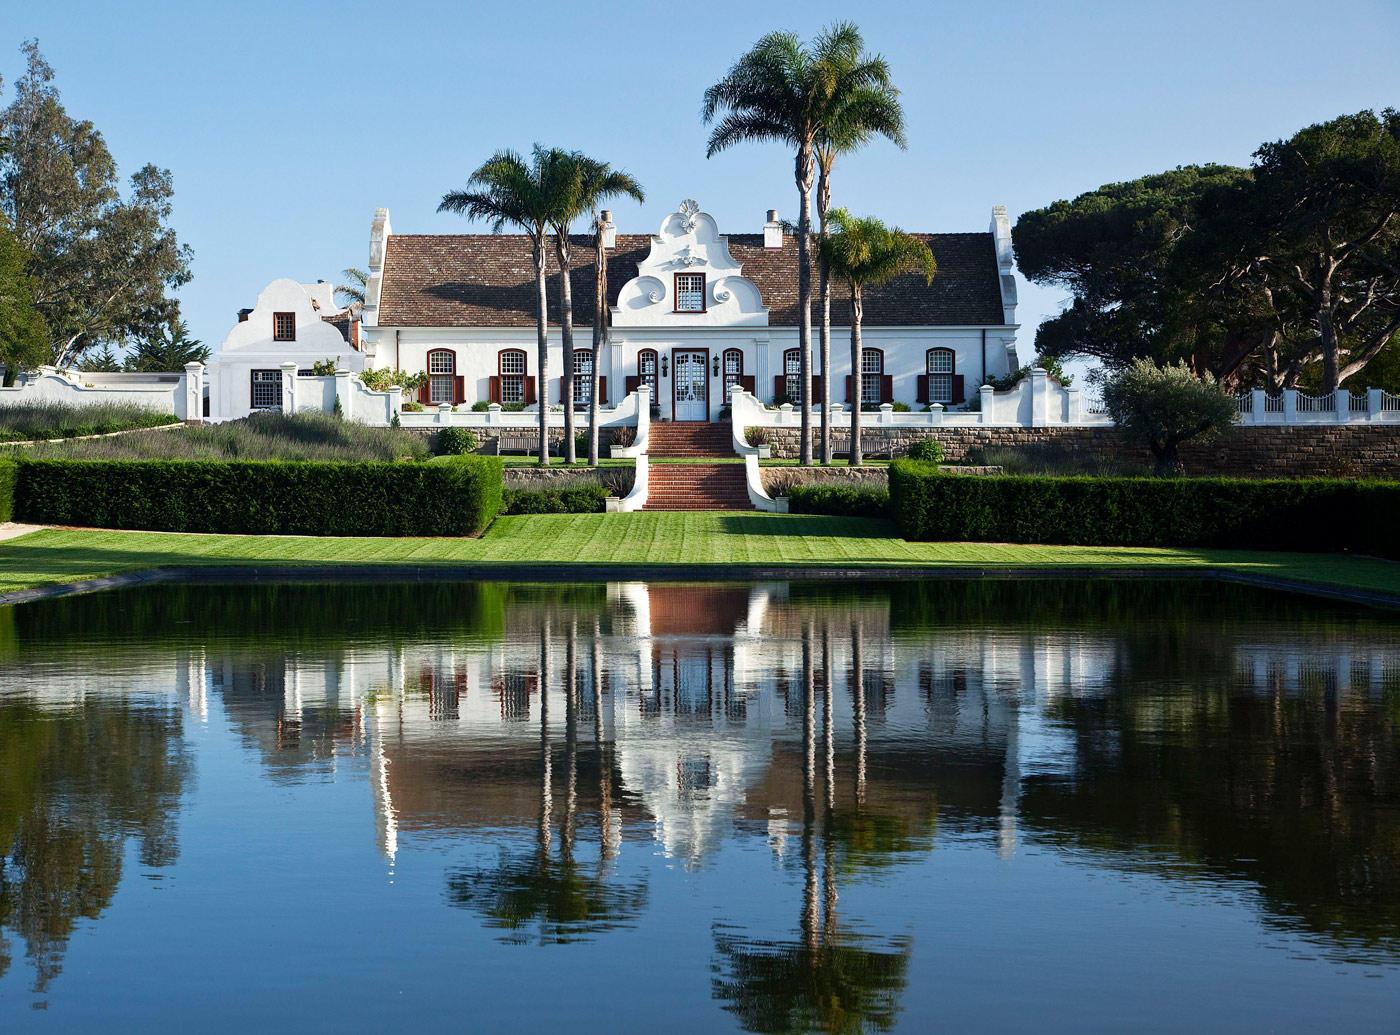 Property photo for 1599 E Valley Rd Santa Barbara, California 93108 - 18-756